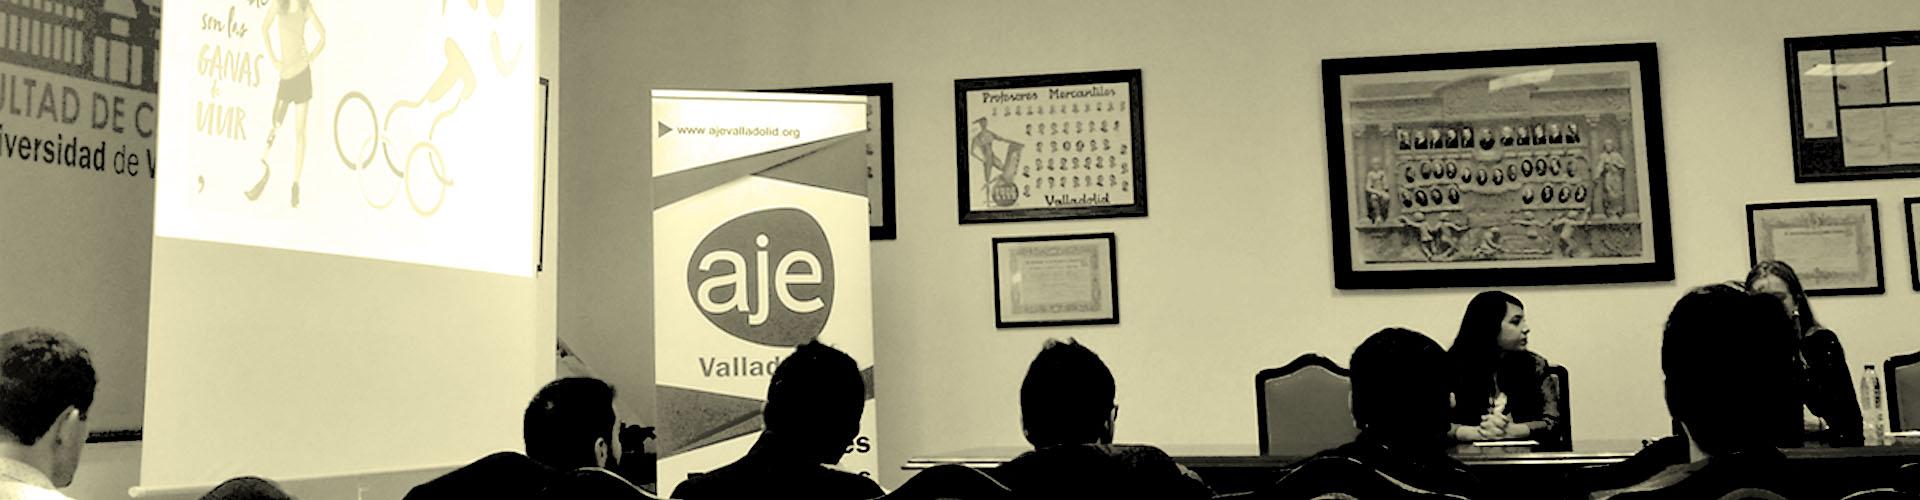 Charla organizada por AJE Valladolid de Desirée Vila sobre superación y motivacion